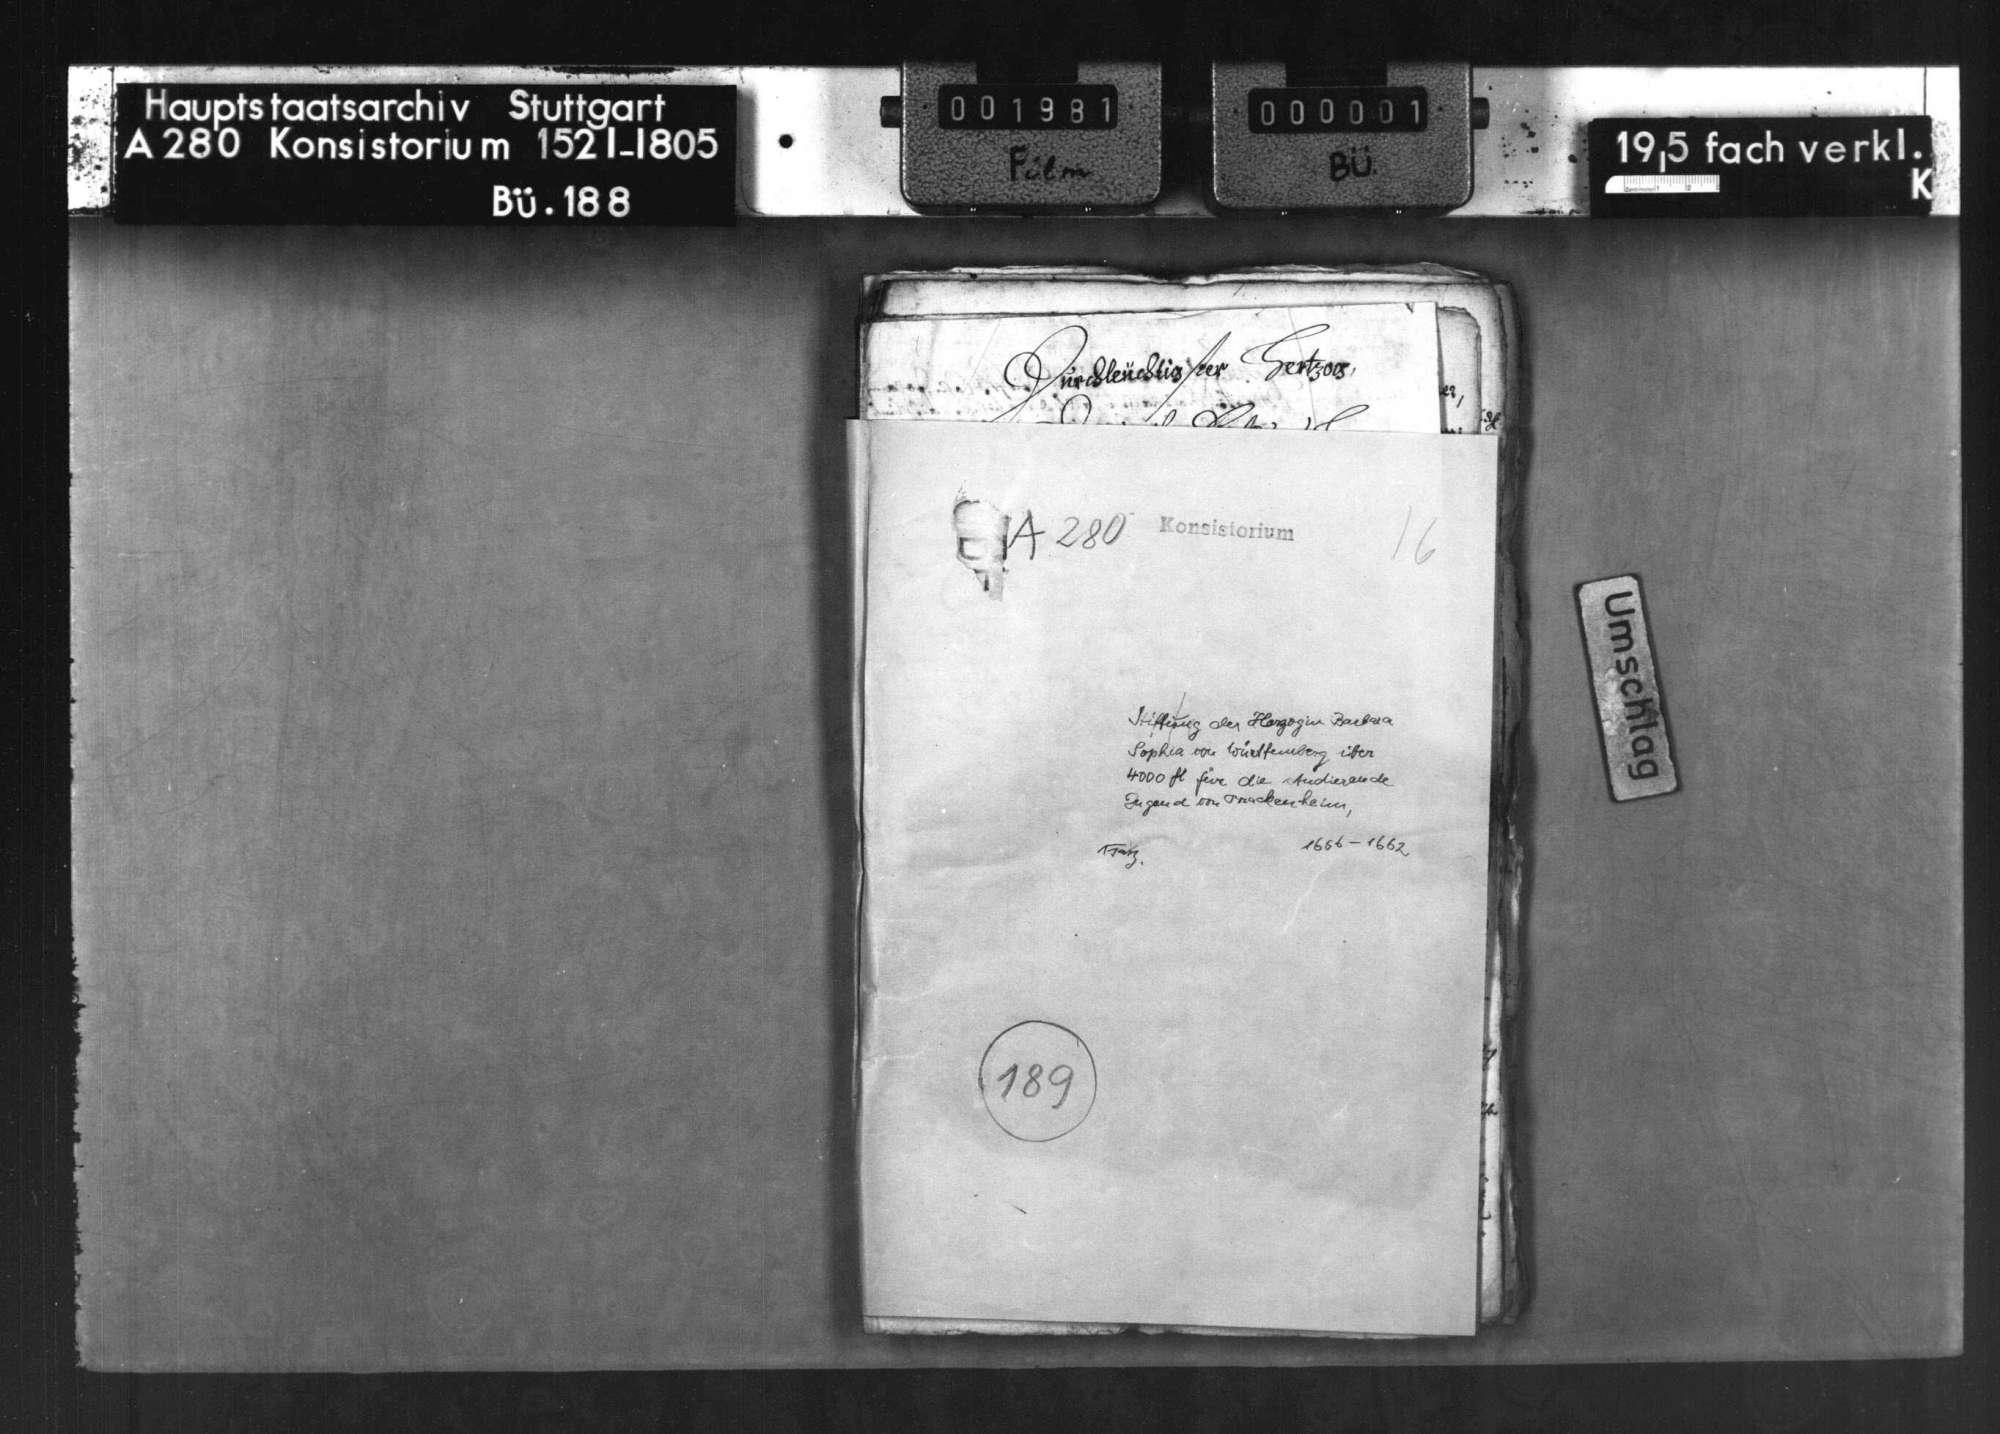 Stiftung der Herzogin Barbara Sophia von Württemberg über 4000 fl. für die studierende Jugend von Brackenheim, Bild 1